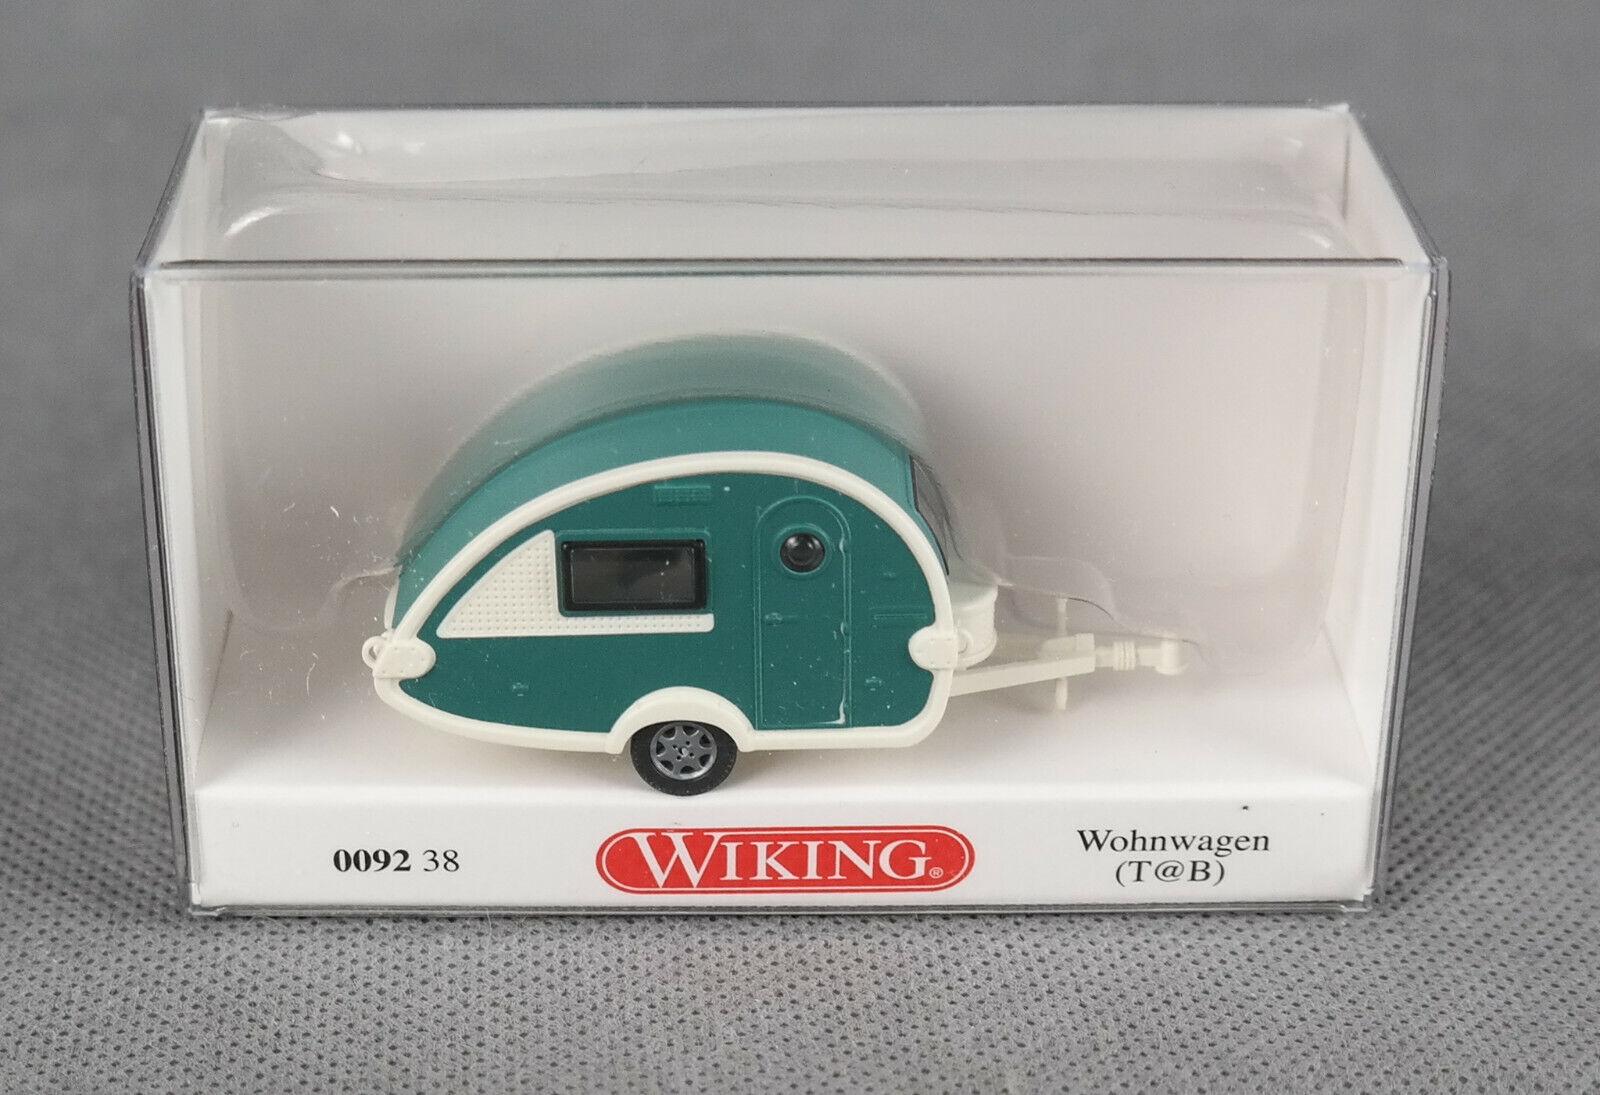 verde blanco 0092 38 t@b 1//87 Wiking caravanas